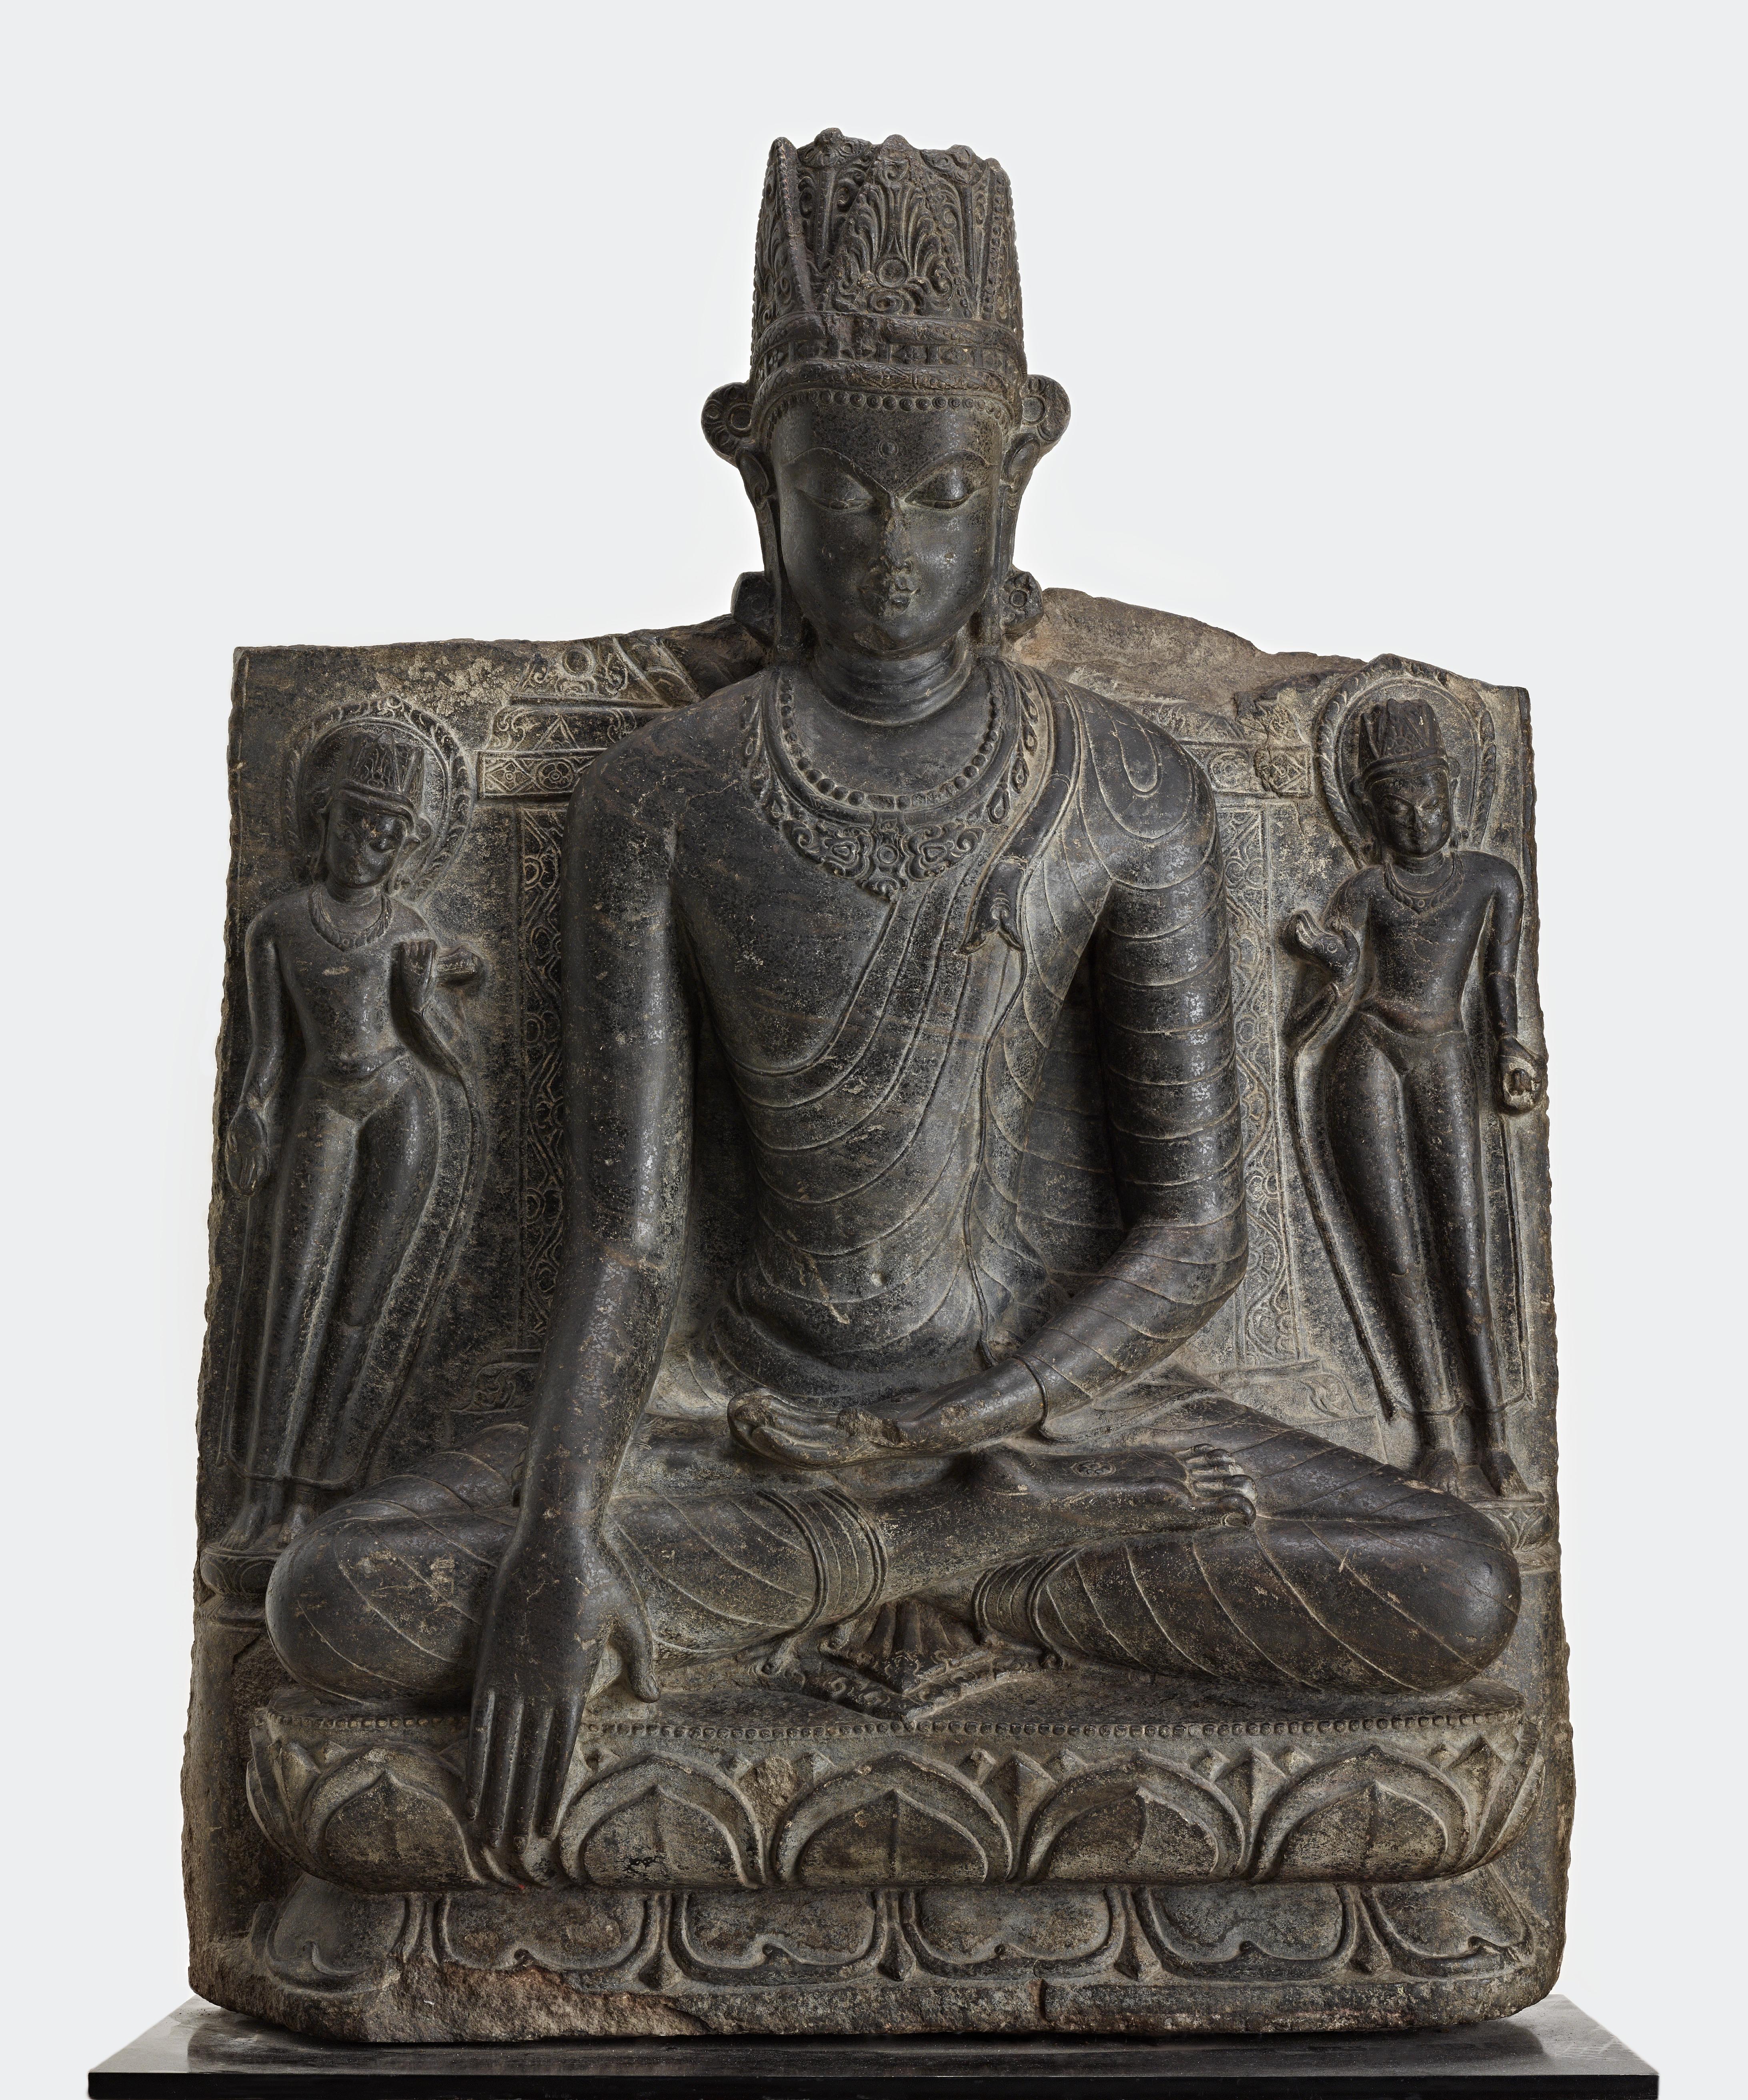 Tathāgata, or the Buddhāvatāra of Hari